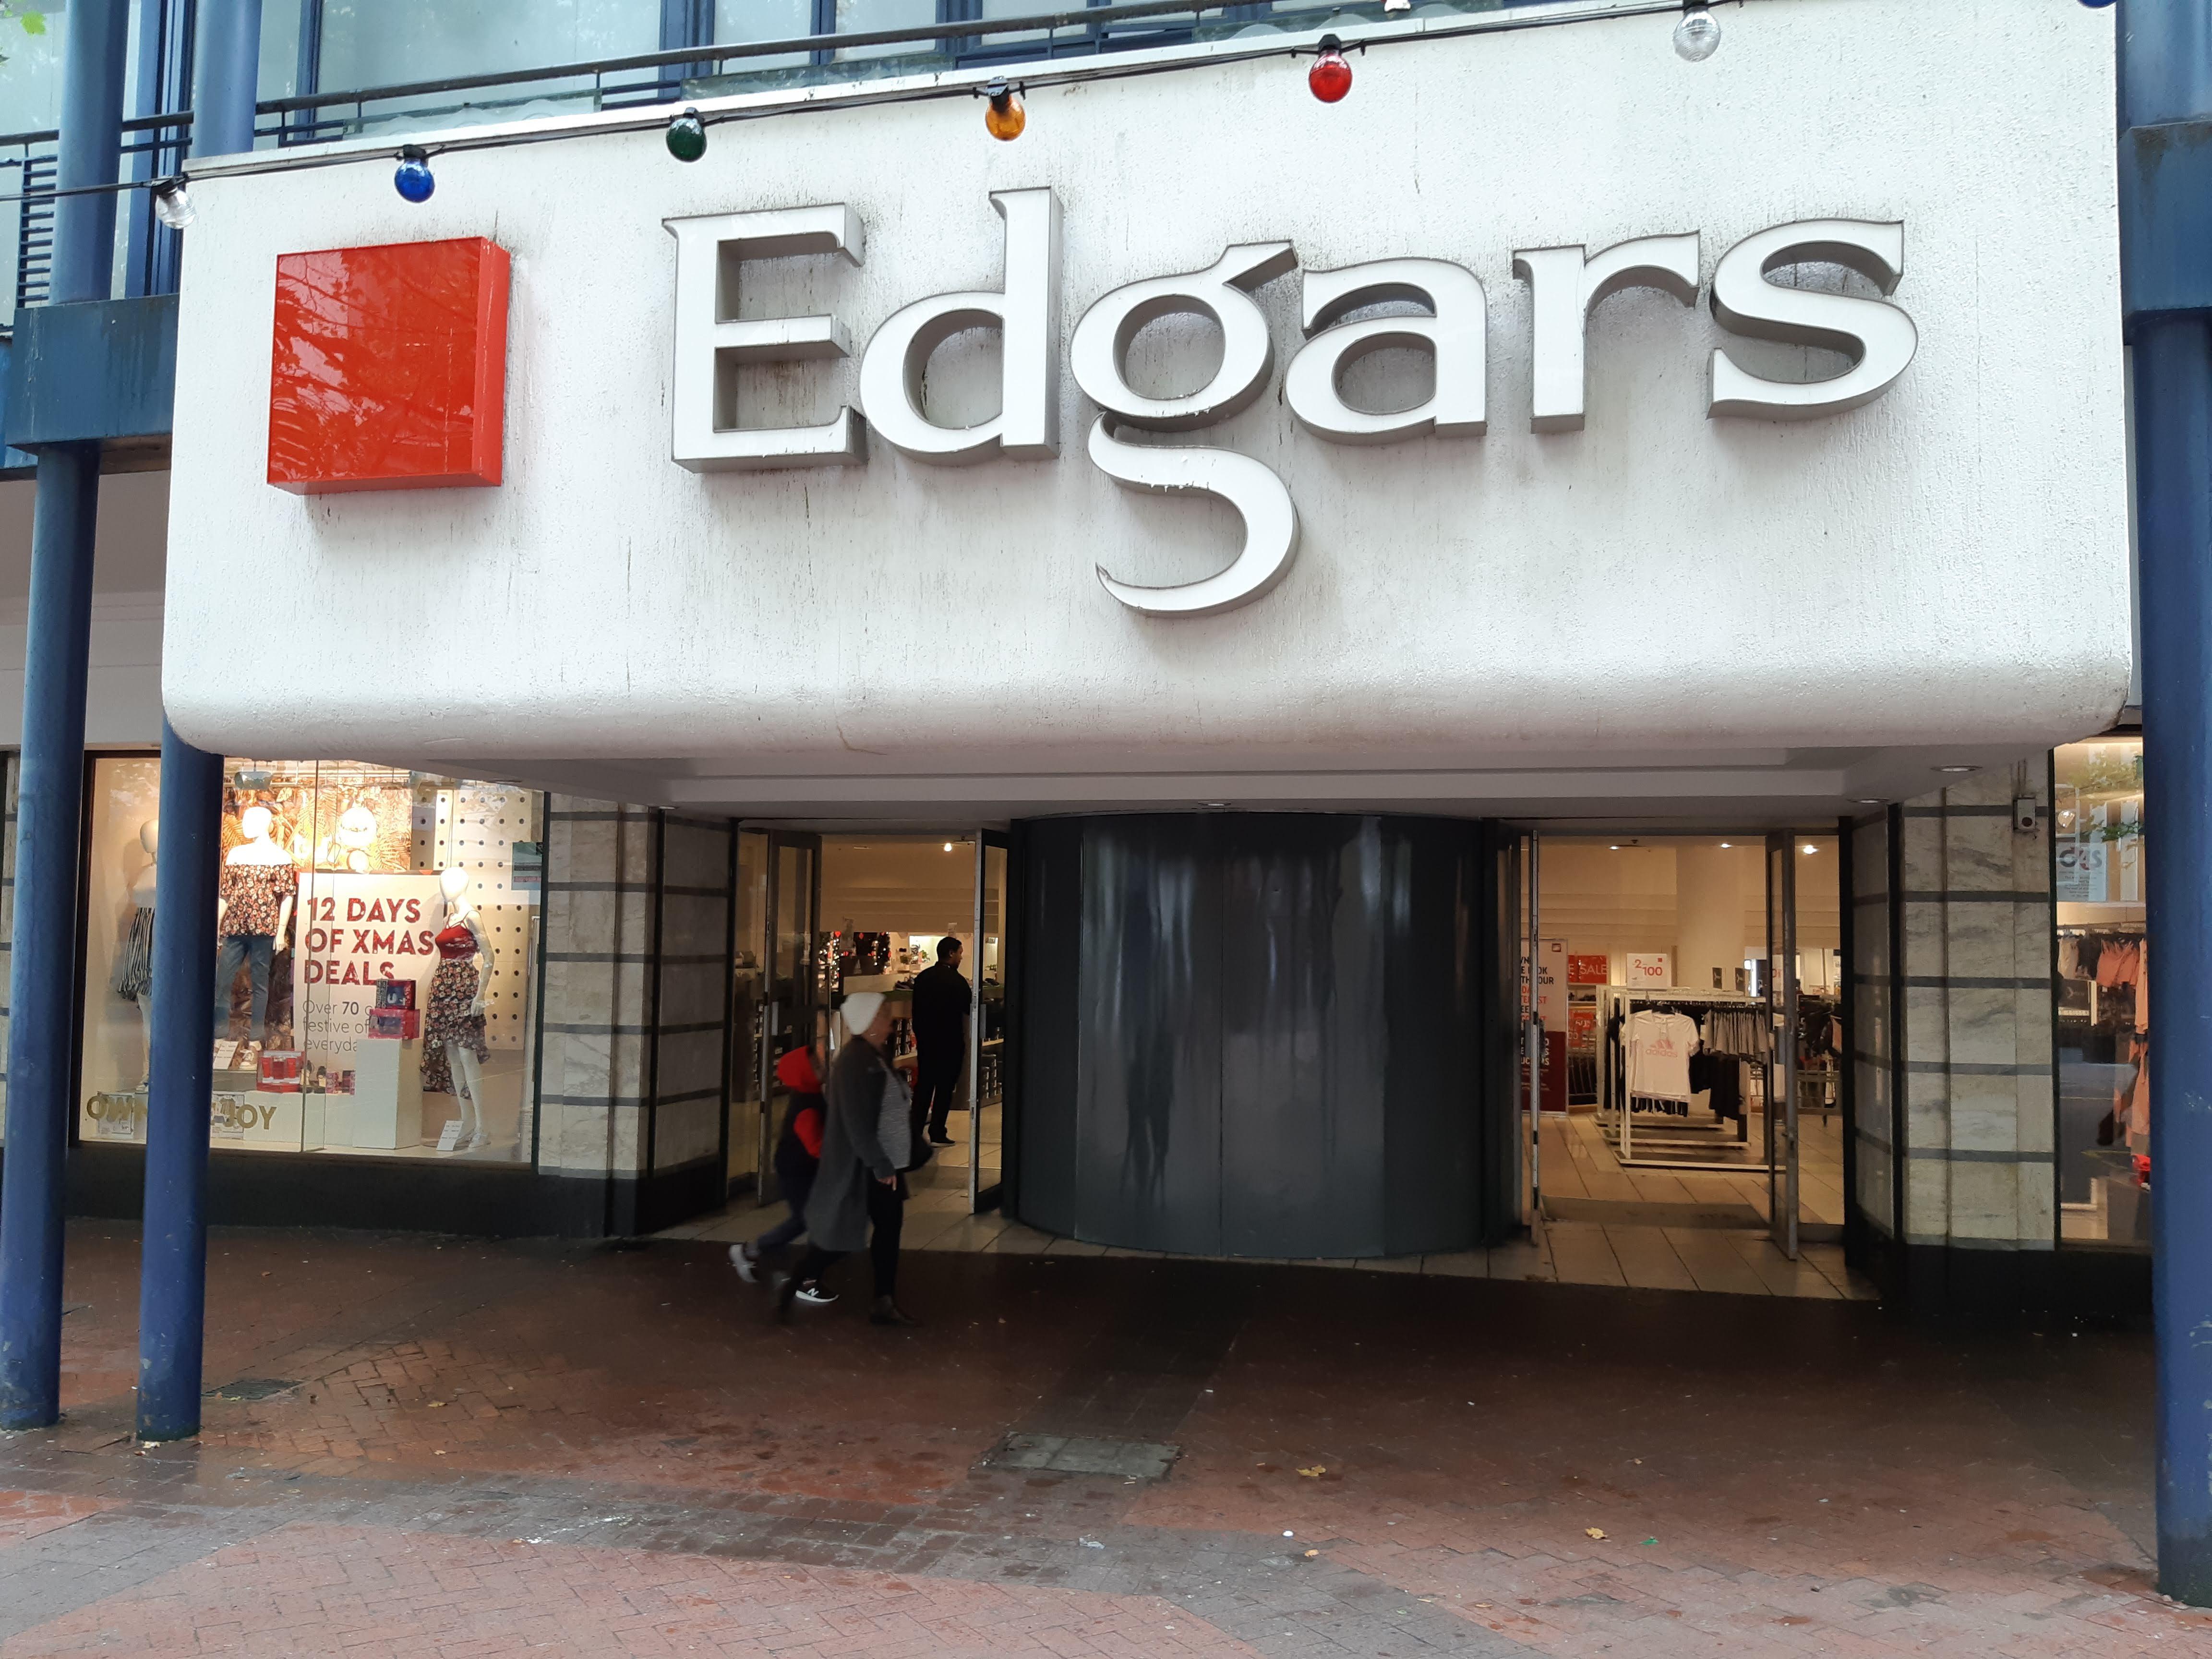 Edgars Cape Town